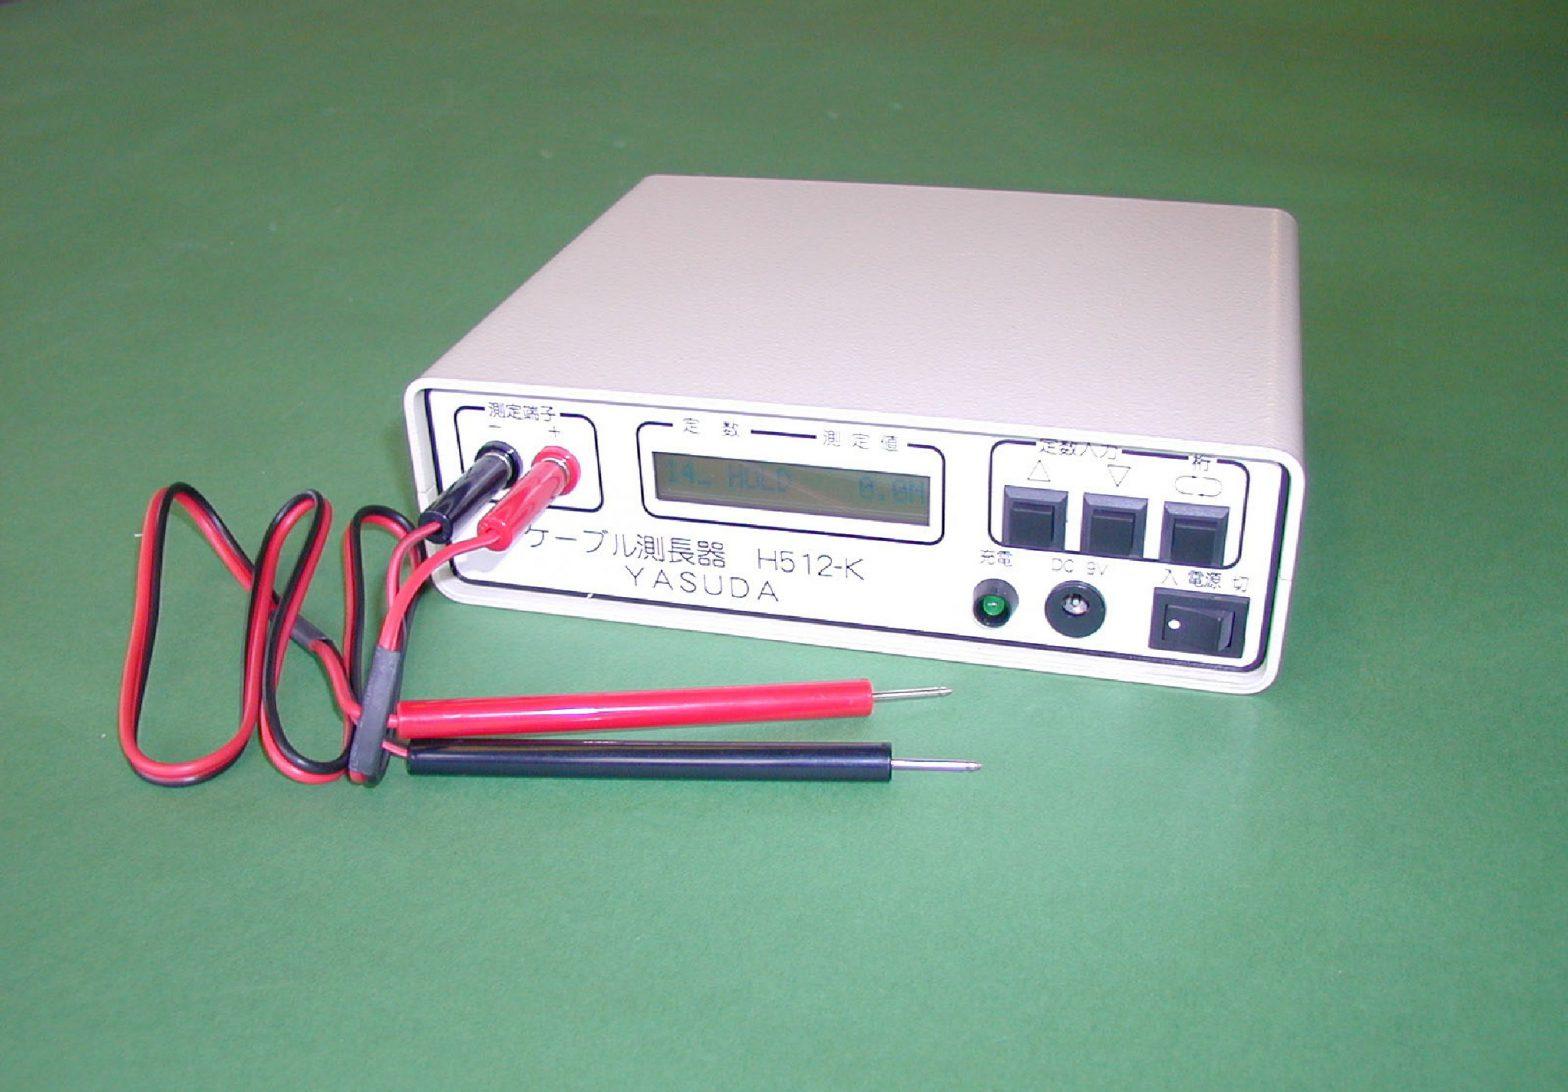 ケーブル測長器